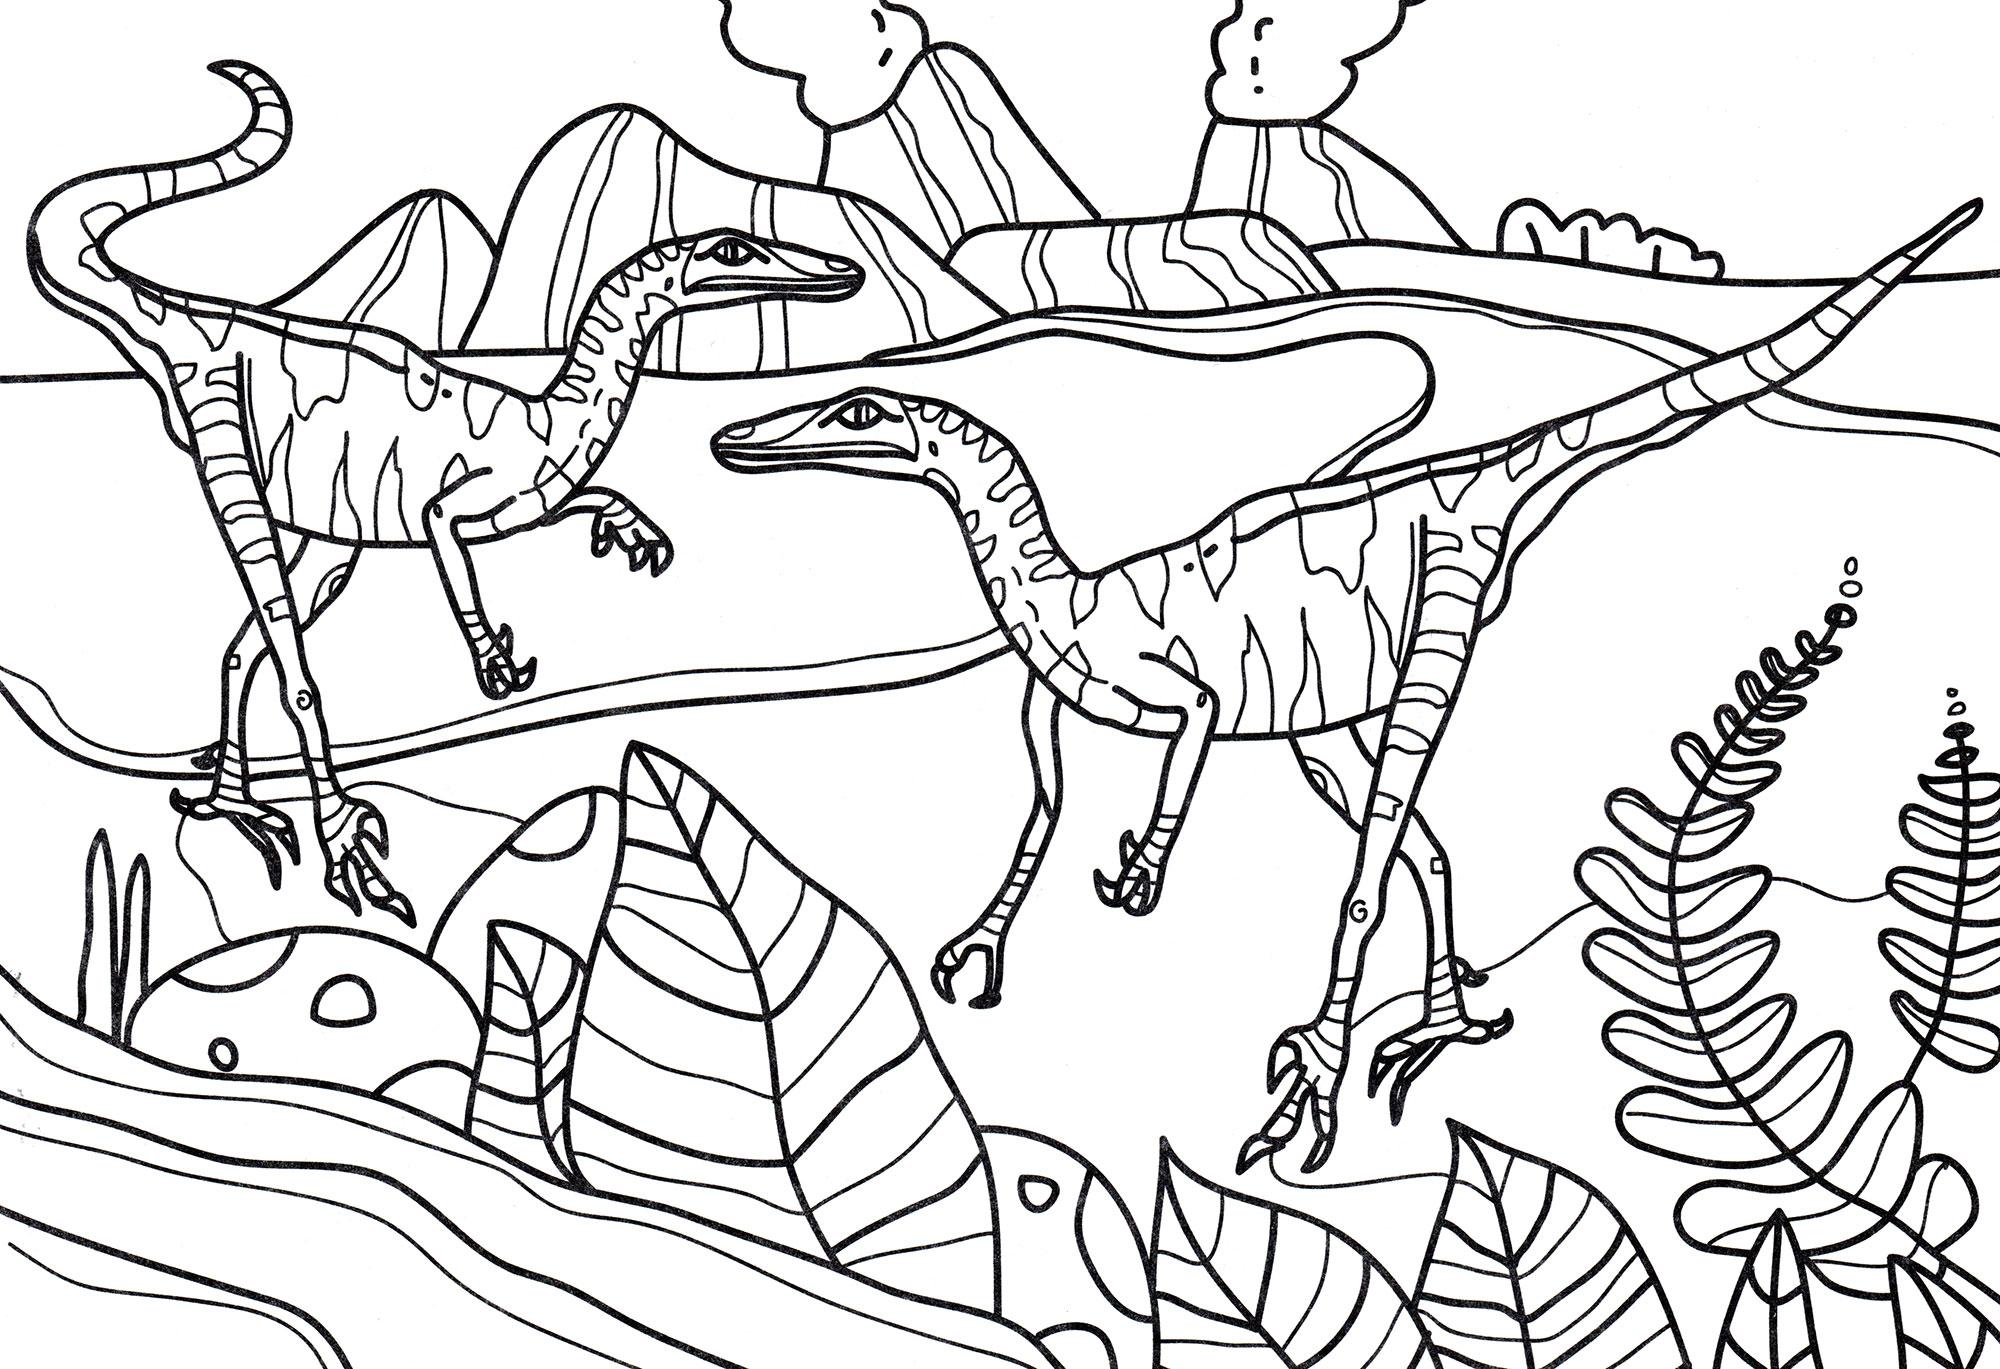 раскраска динозавр троодон